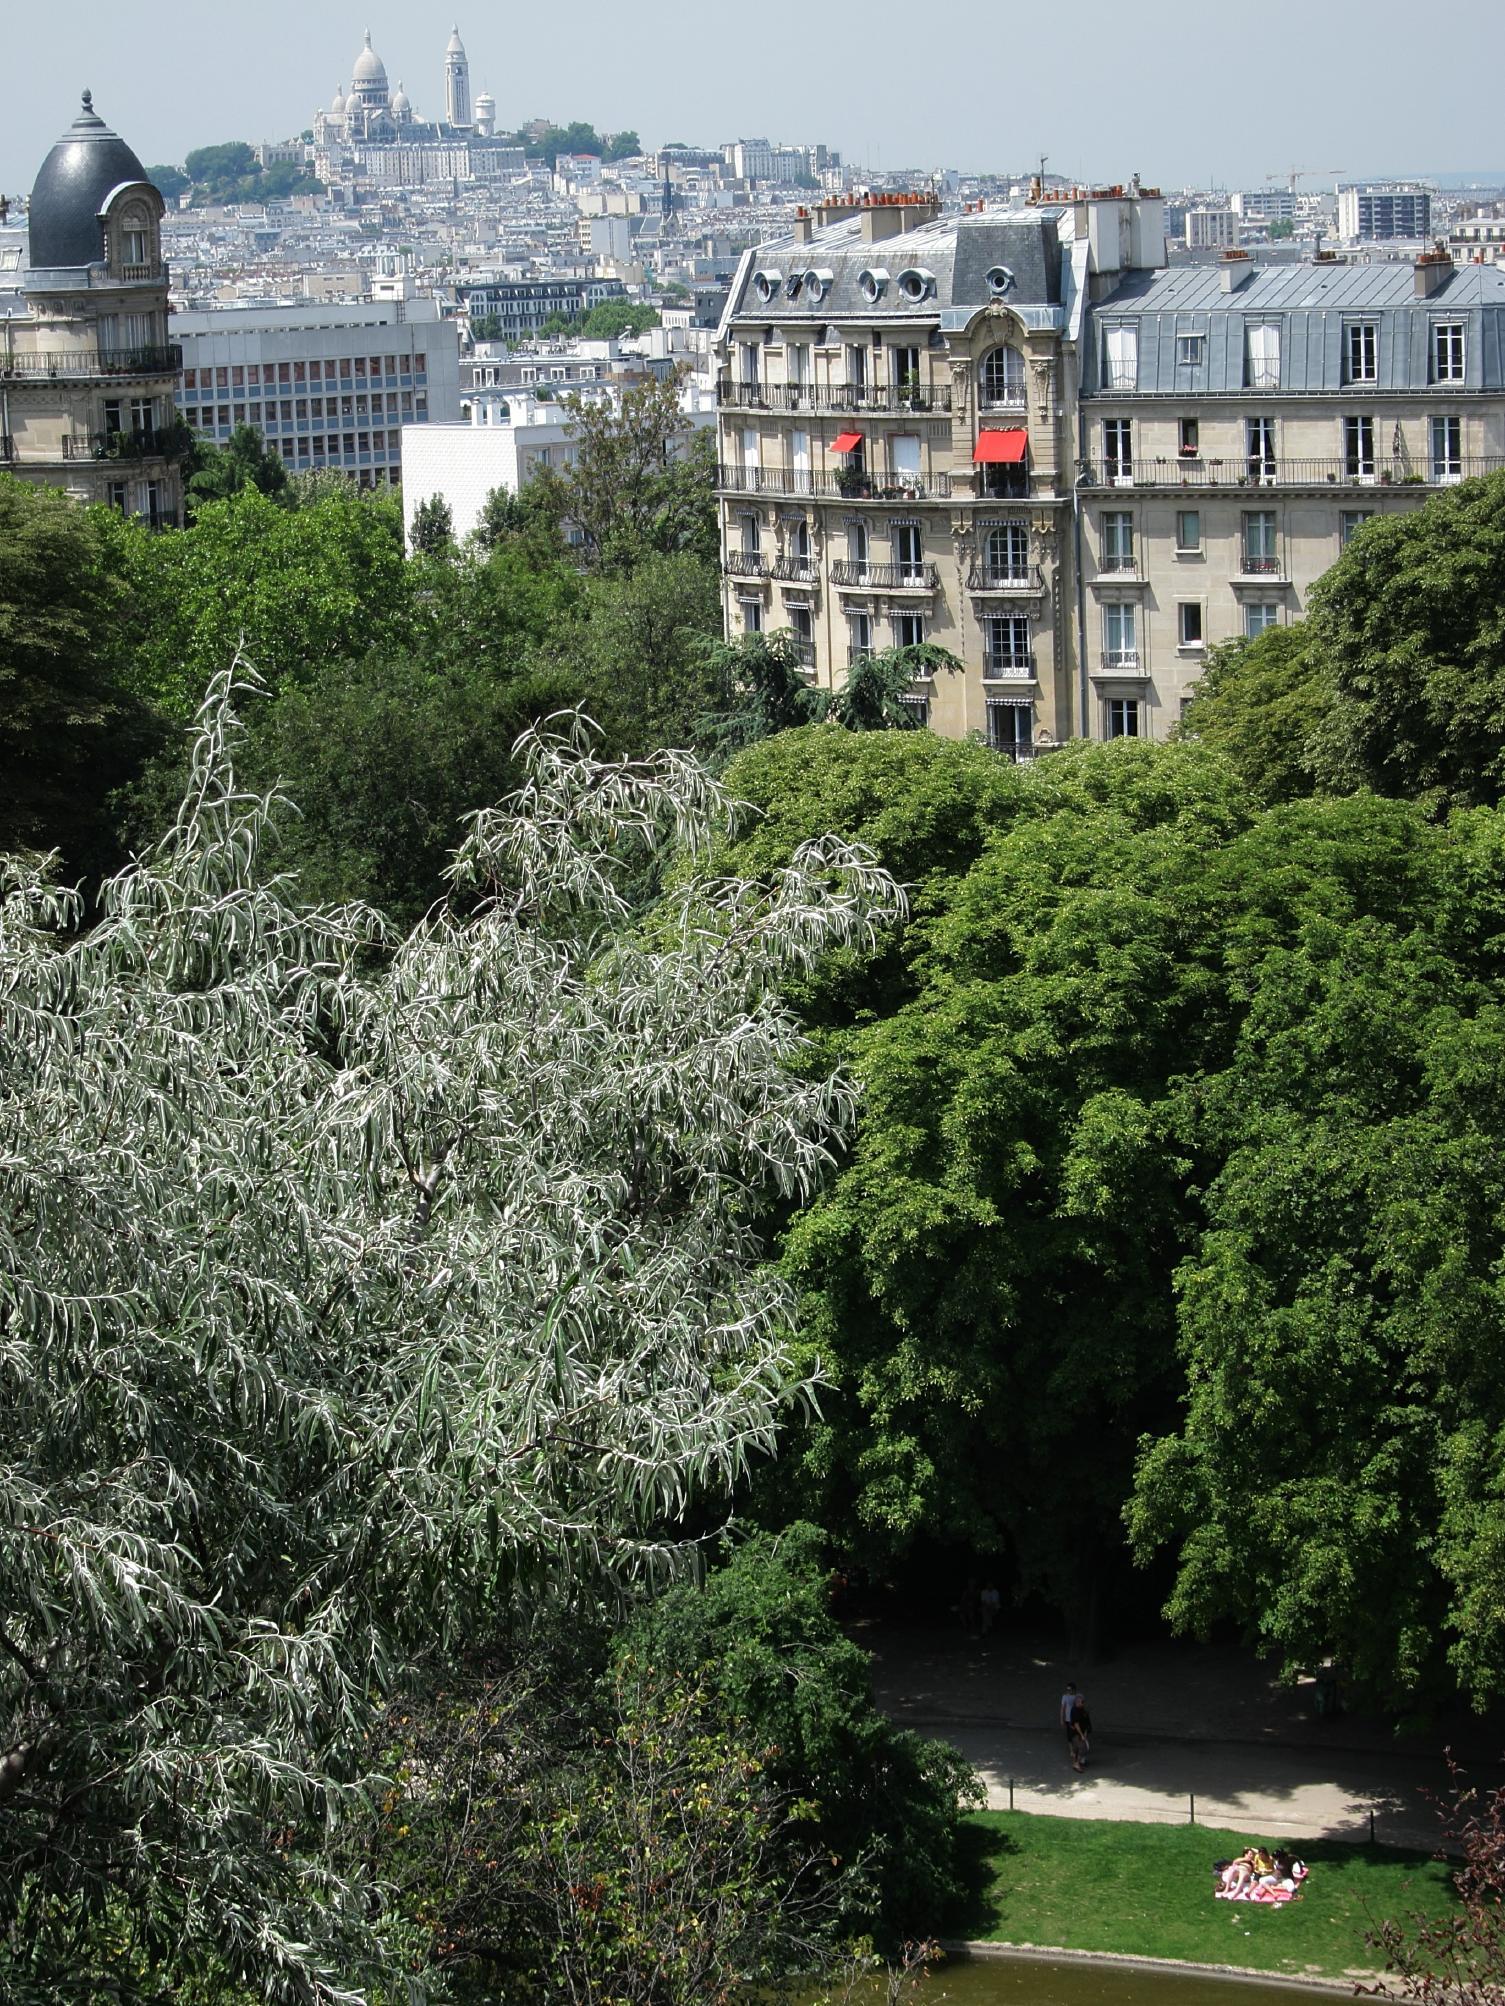 View from Parc des Buttes Chaumont